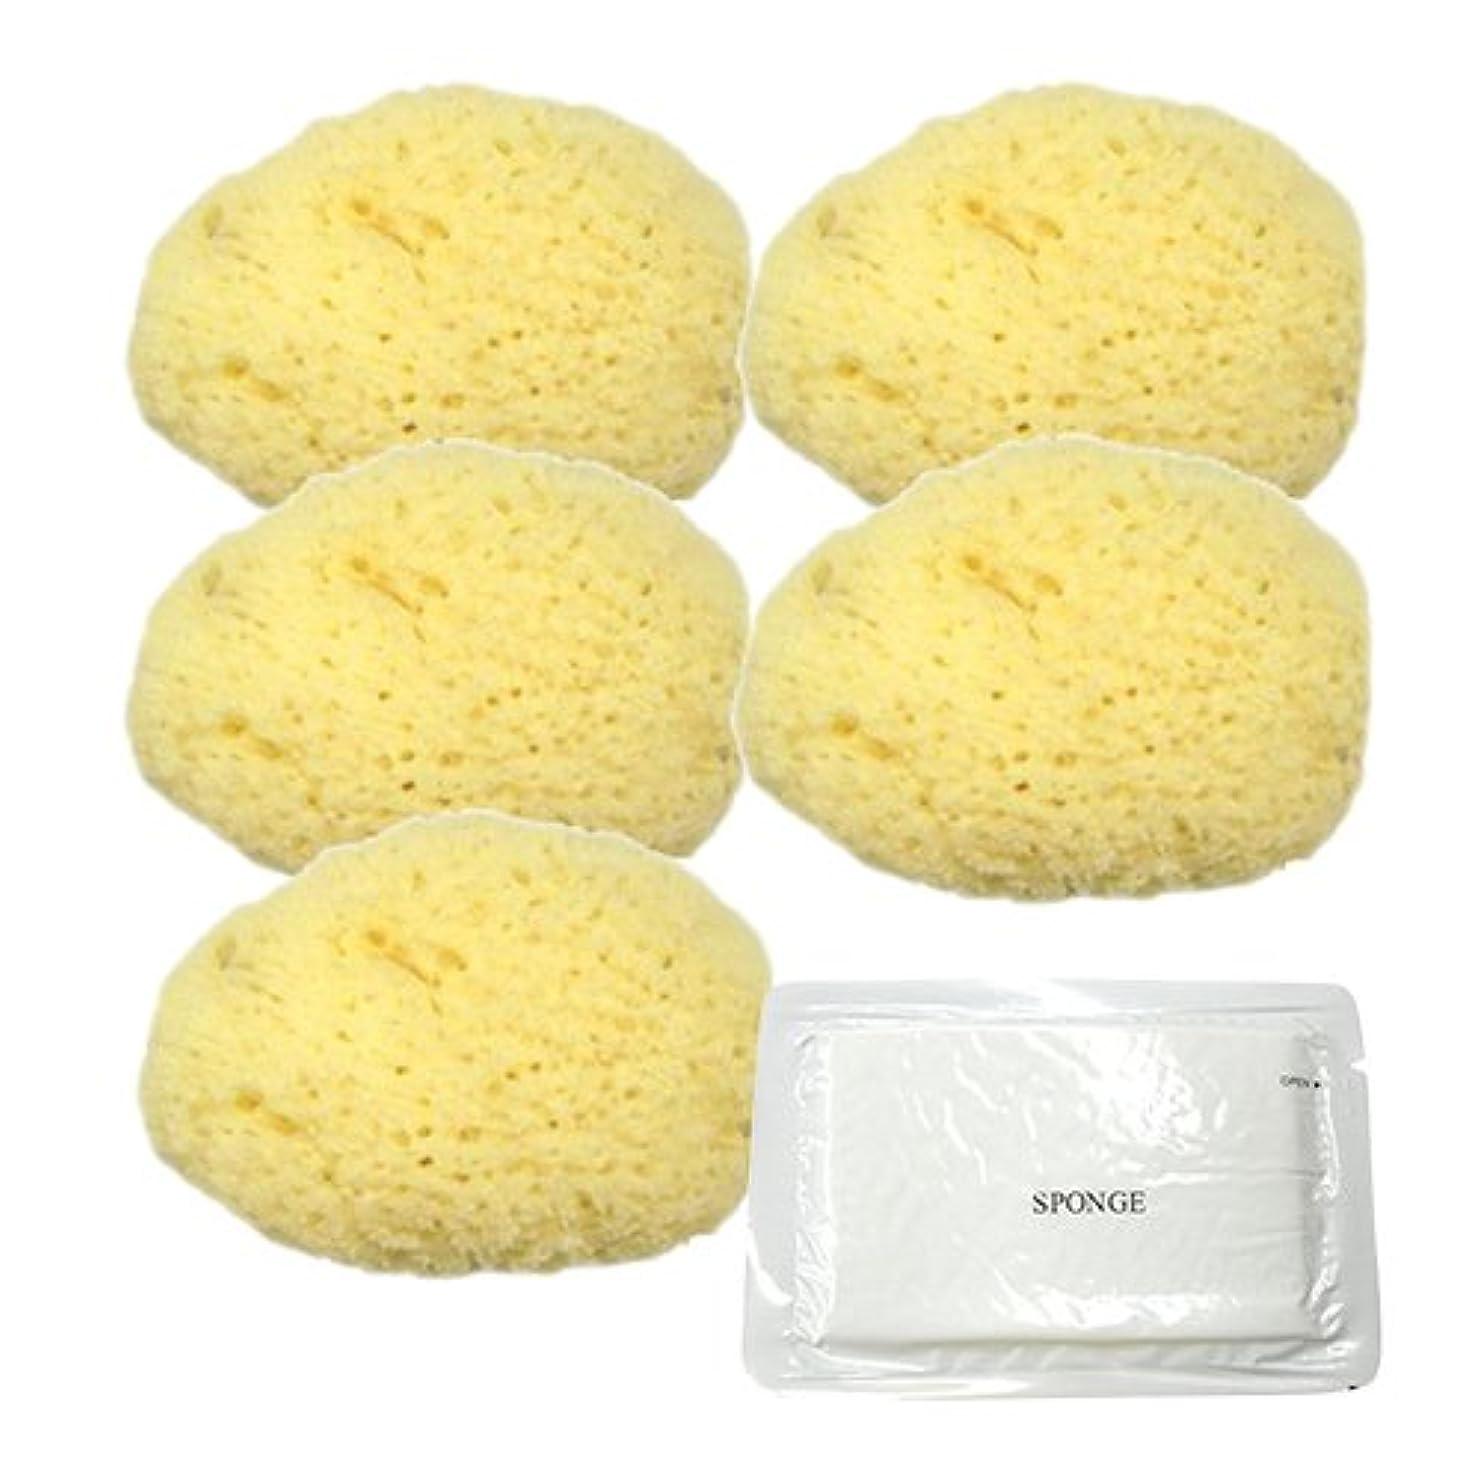 その後危険な枕ユタカ 天然海綿スポンジ(フェイススポンジ) 大 × 5個 + 圧縮スポンジセット